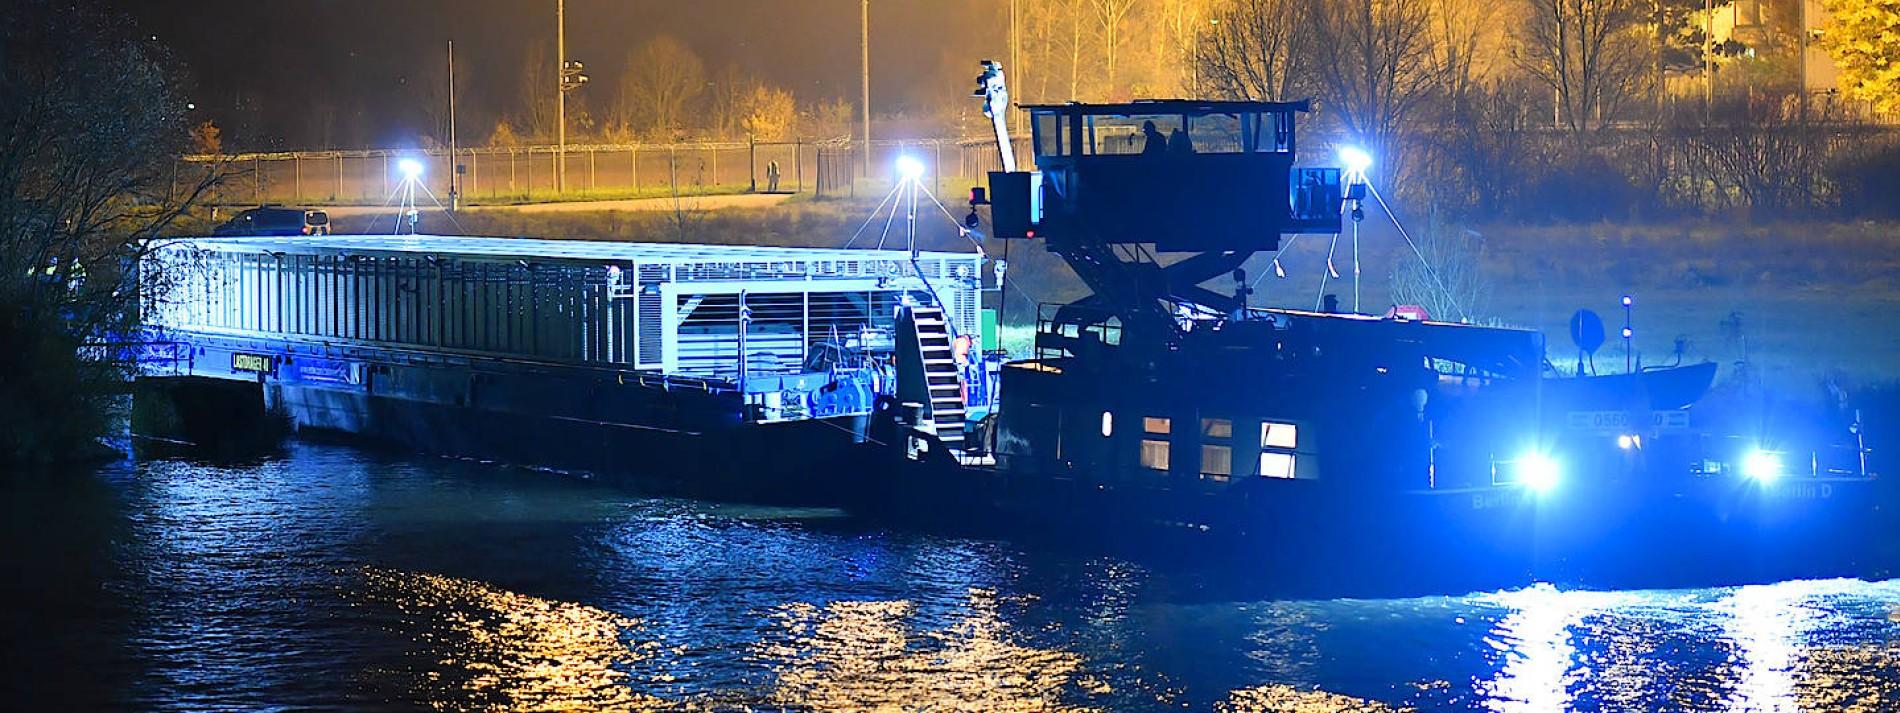 Energiekonzern verschifft Atommüll auf dem Neckar